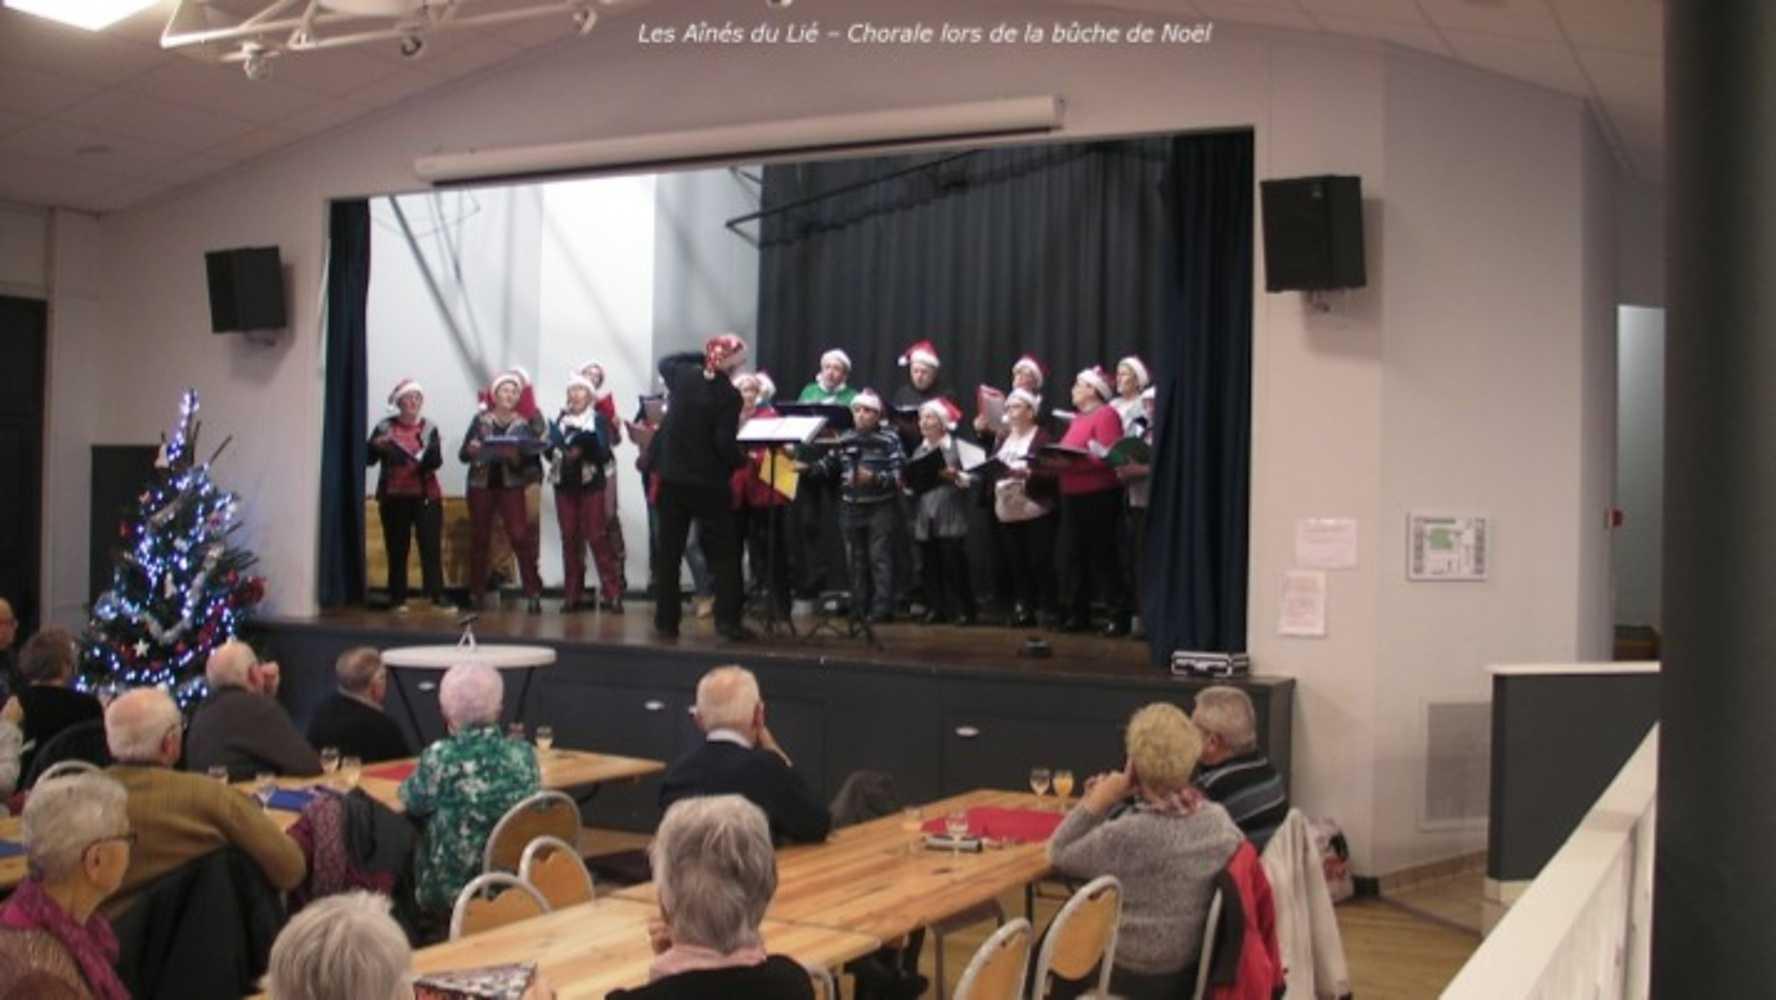 Photos de la chorale des Aînés du Lié à la bûche de Noël image5